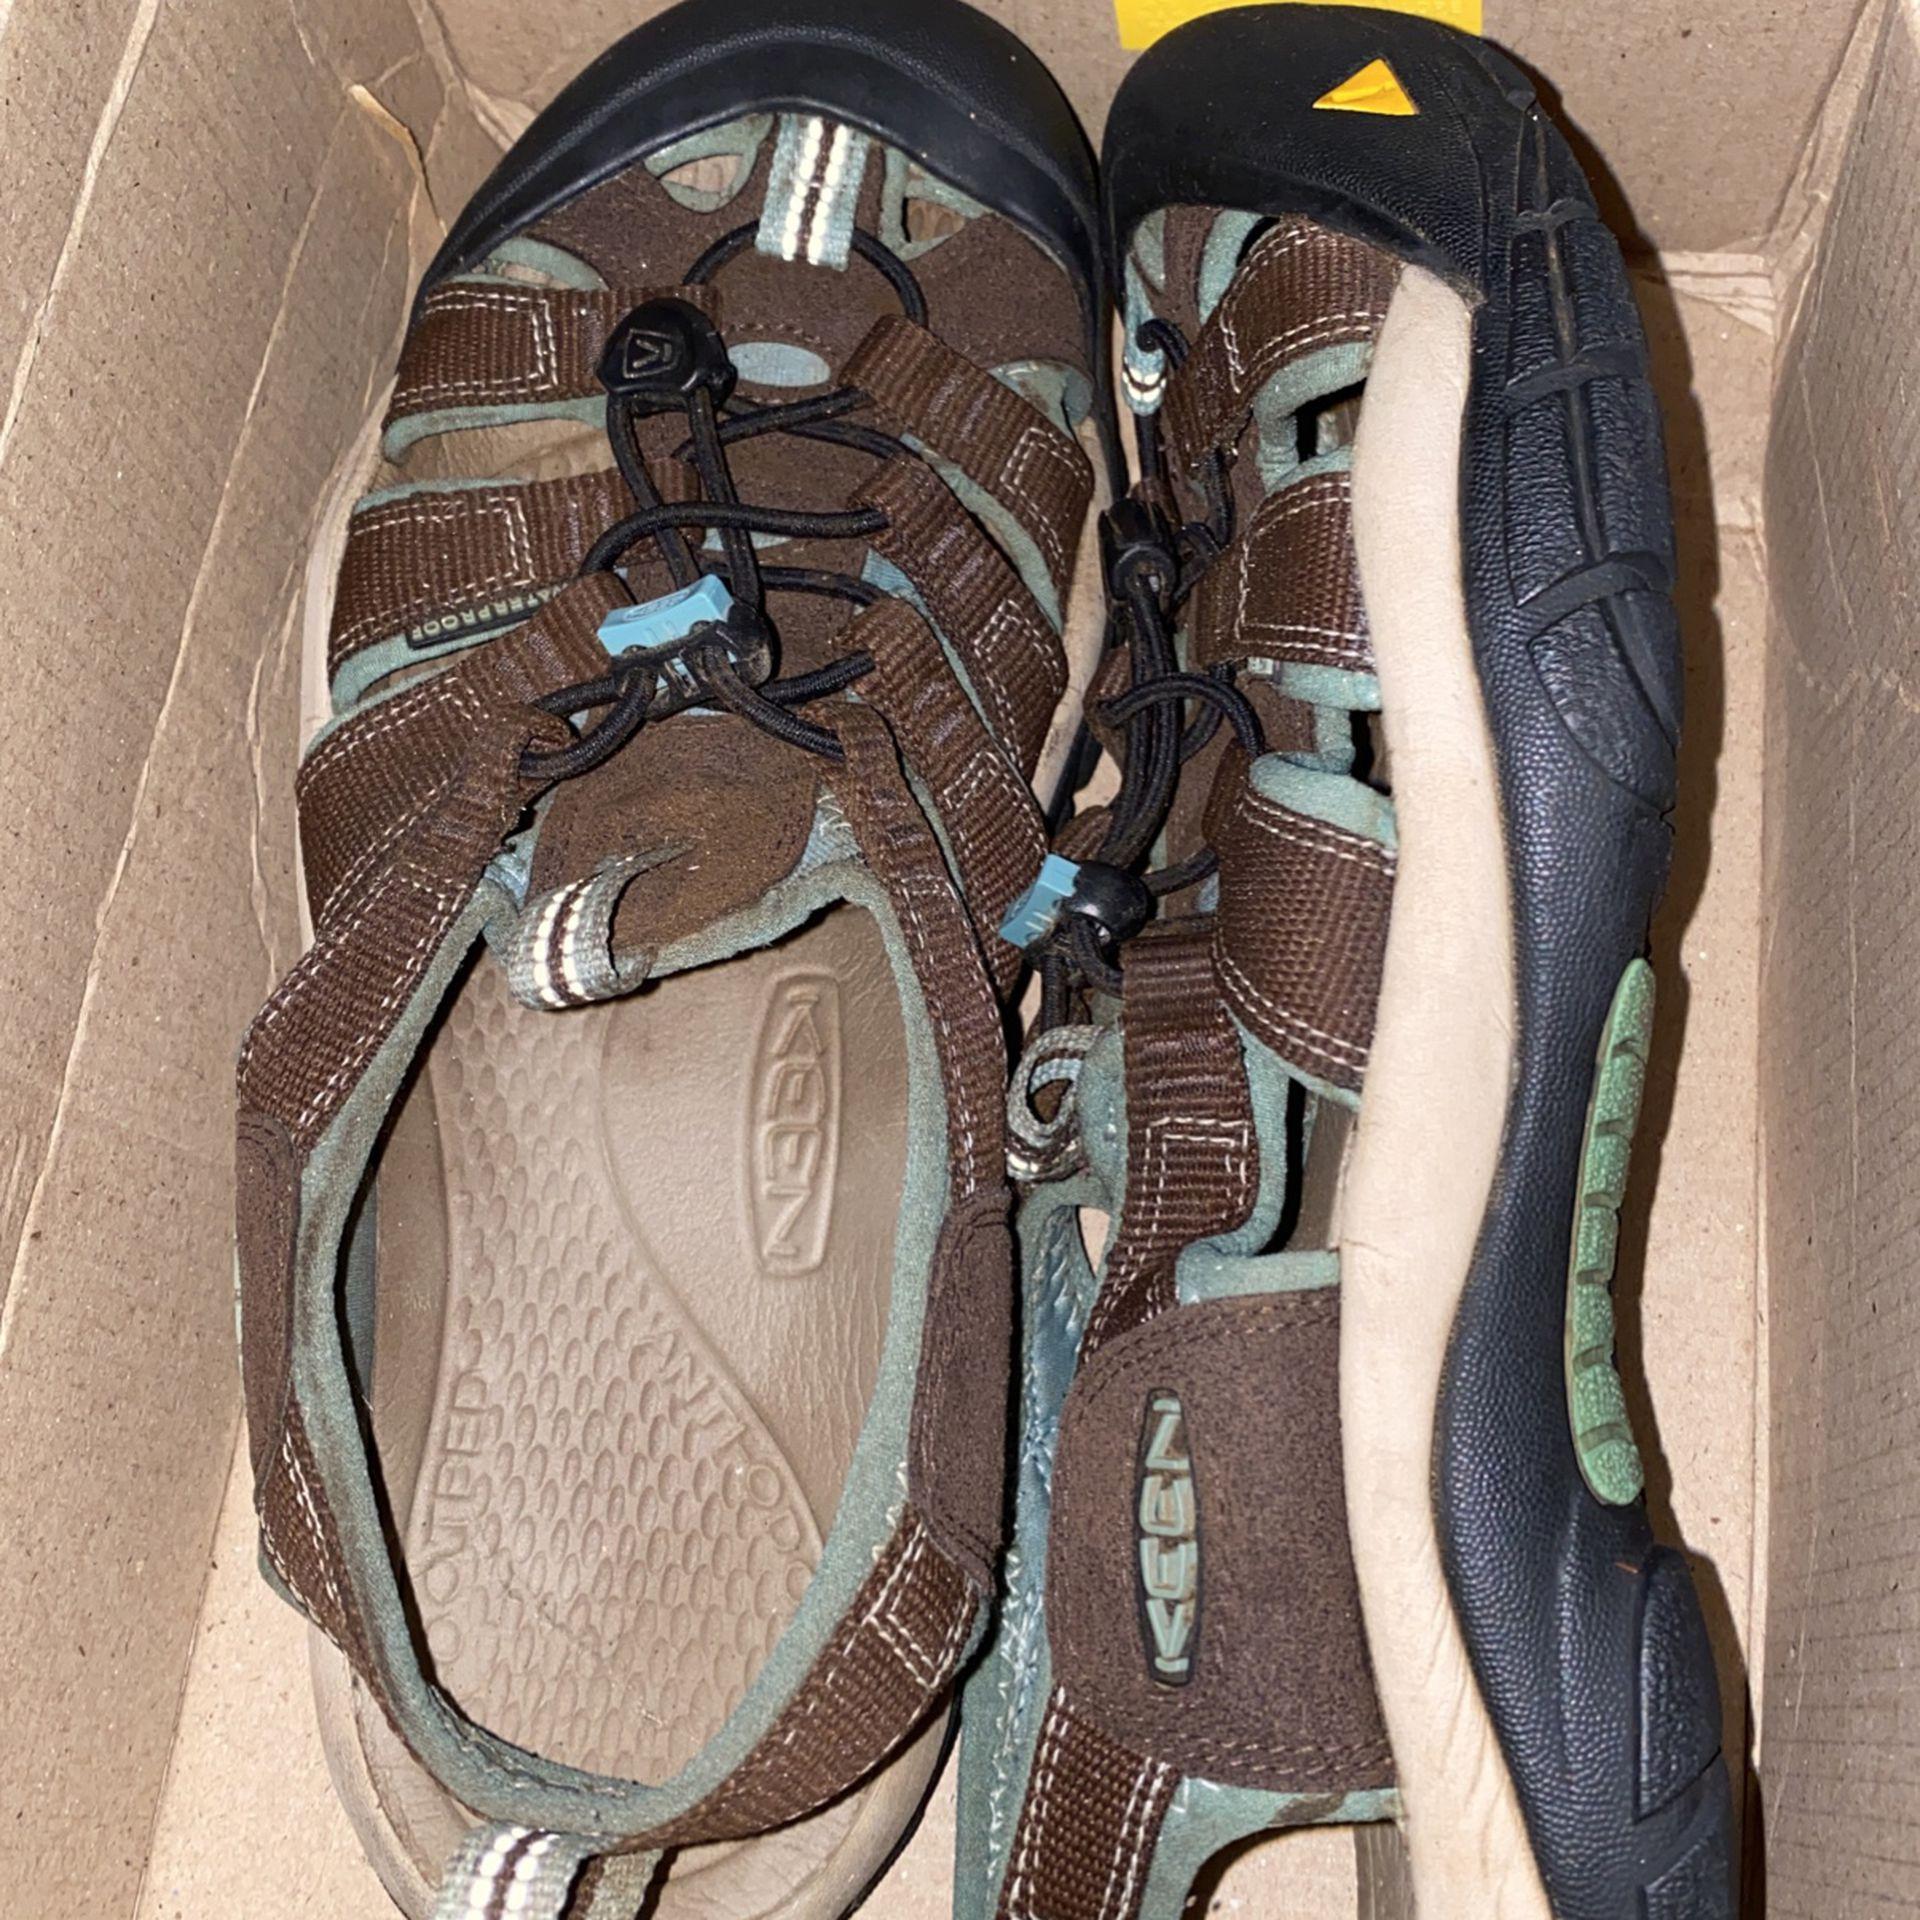 Keen All Terrain Shoes